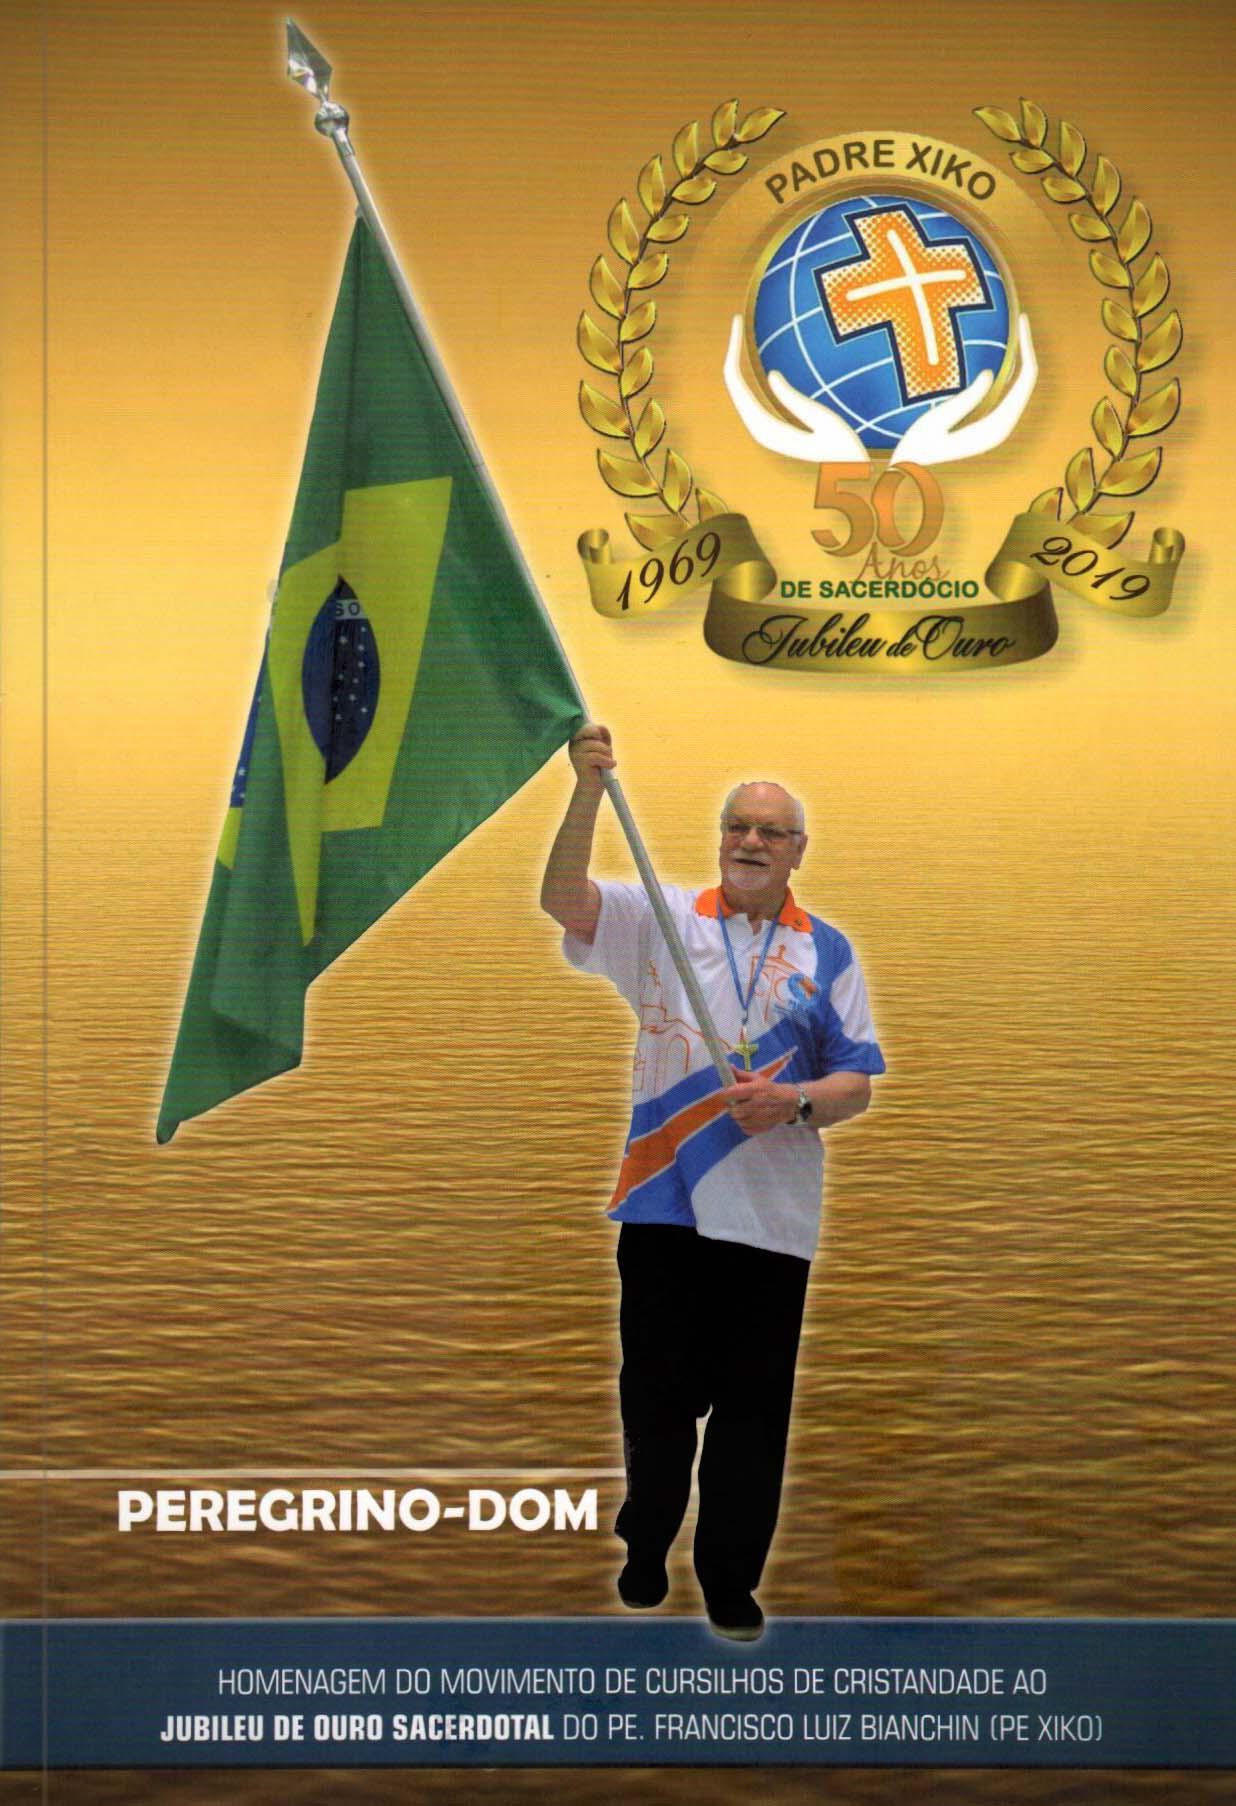 Livro Padre Xiko - Peregrino Dom - Jubileu de Ouro - 50 Anos de Sacerdócio  - Cursilho